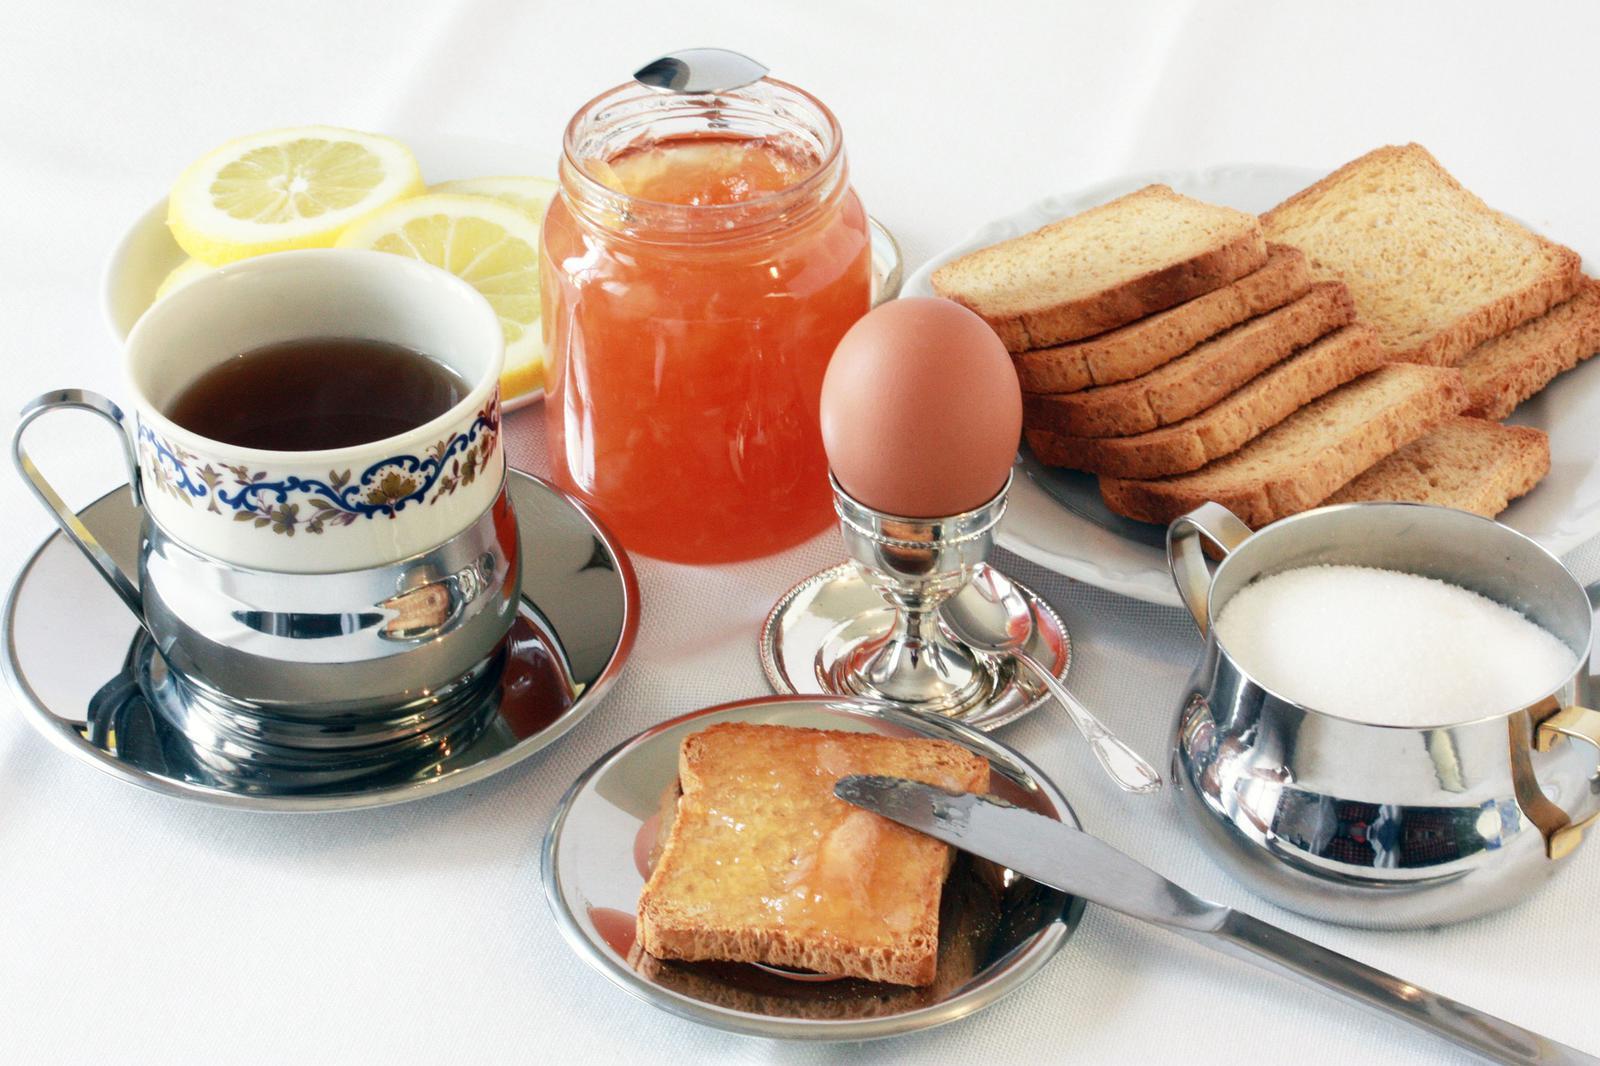 breakfast-532735_1920